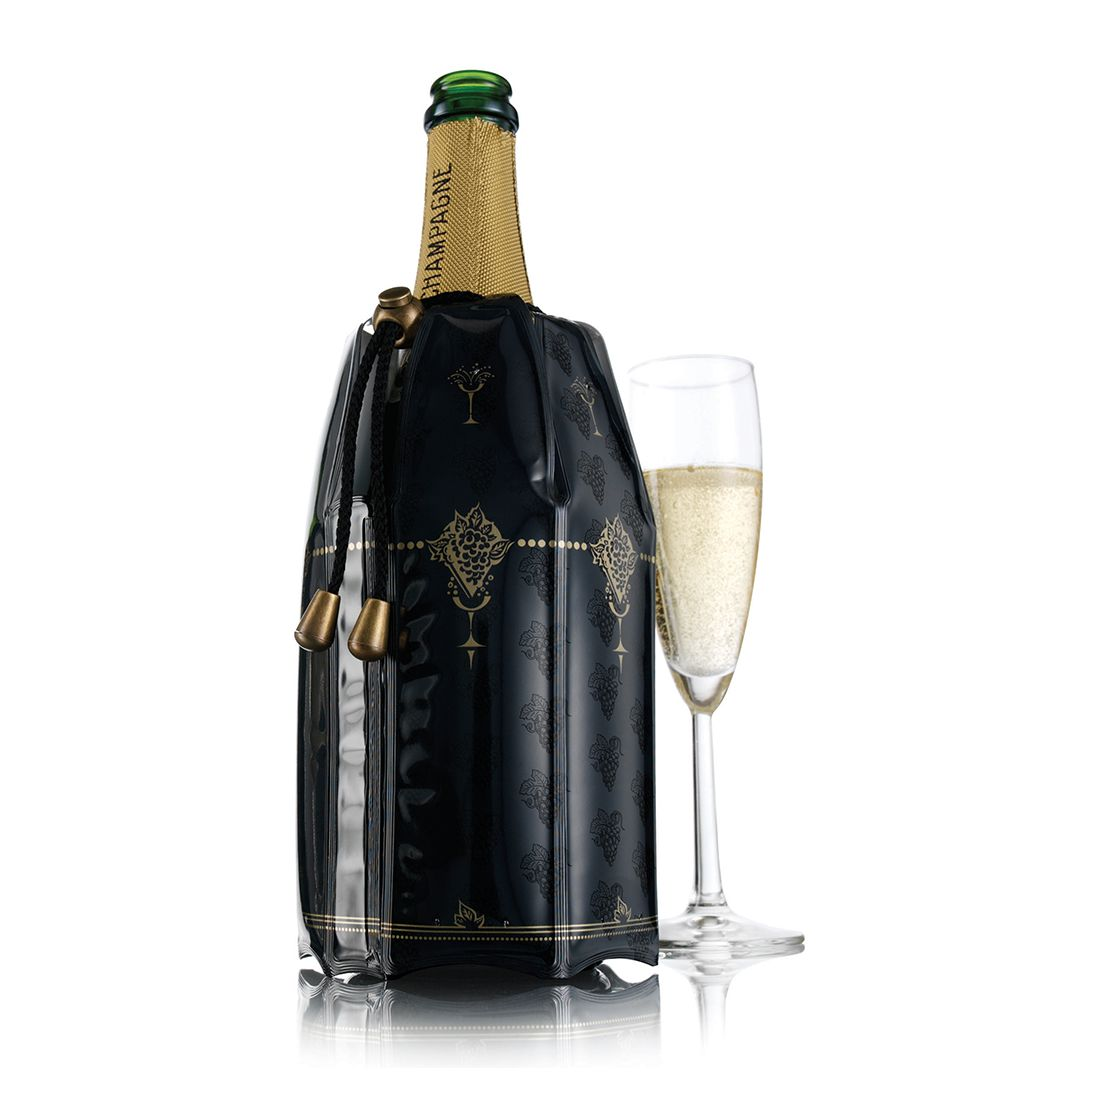 Champagner Kühler Modern Art (2er-Set), Vacu Vin günstig online kaufen